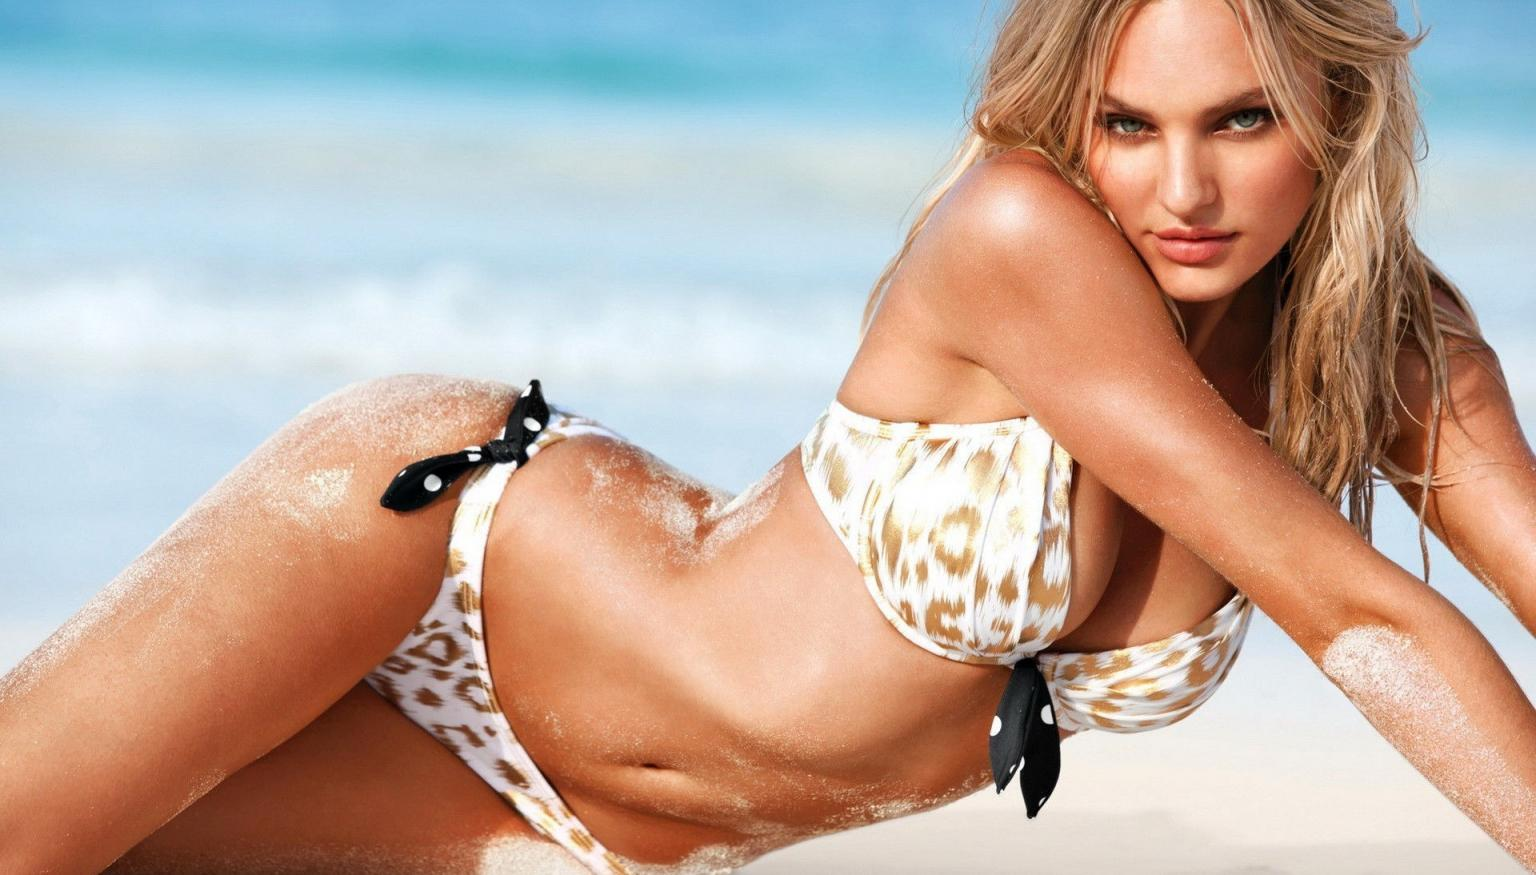 Victoria secret models nudes